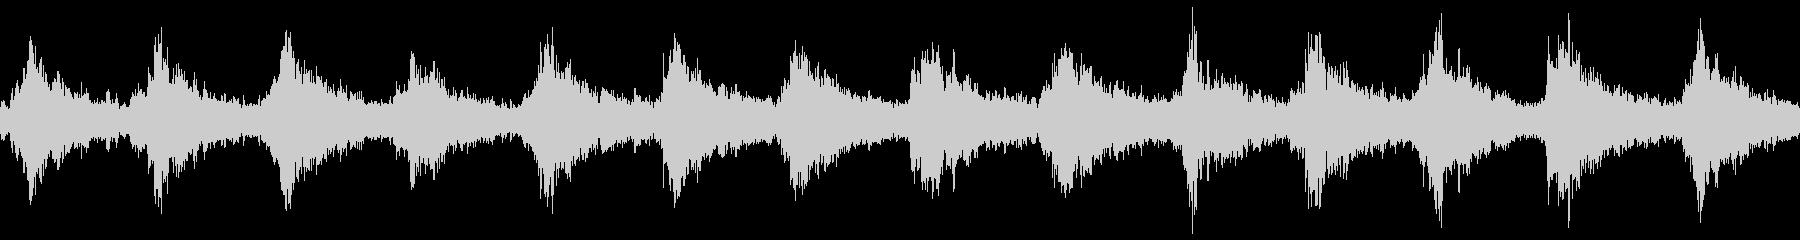 サンタクロースの鈴(シャンシャン)の未再生の波形